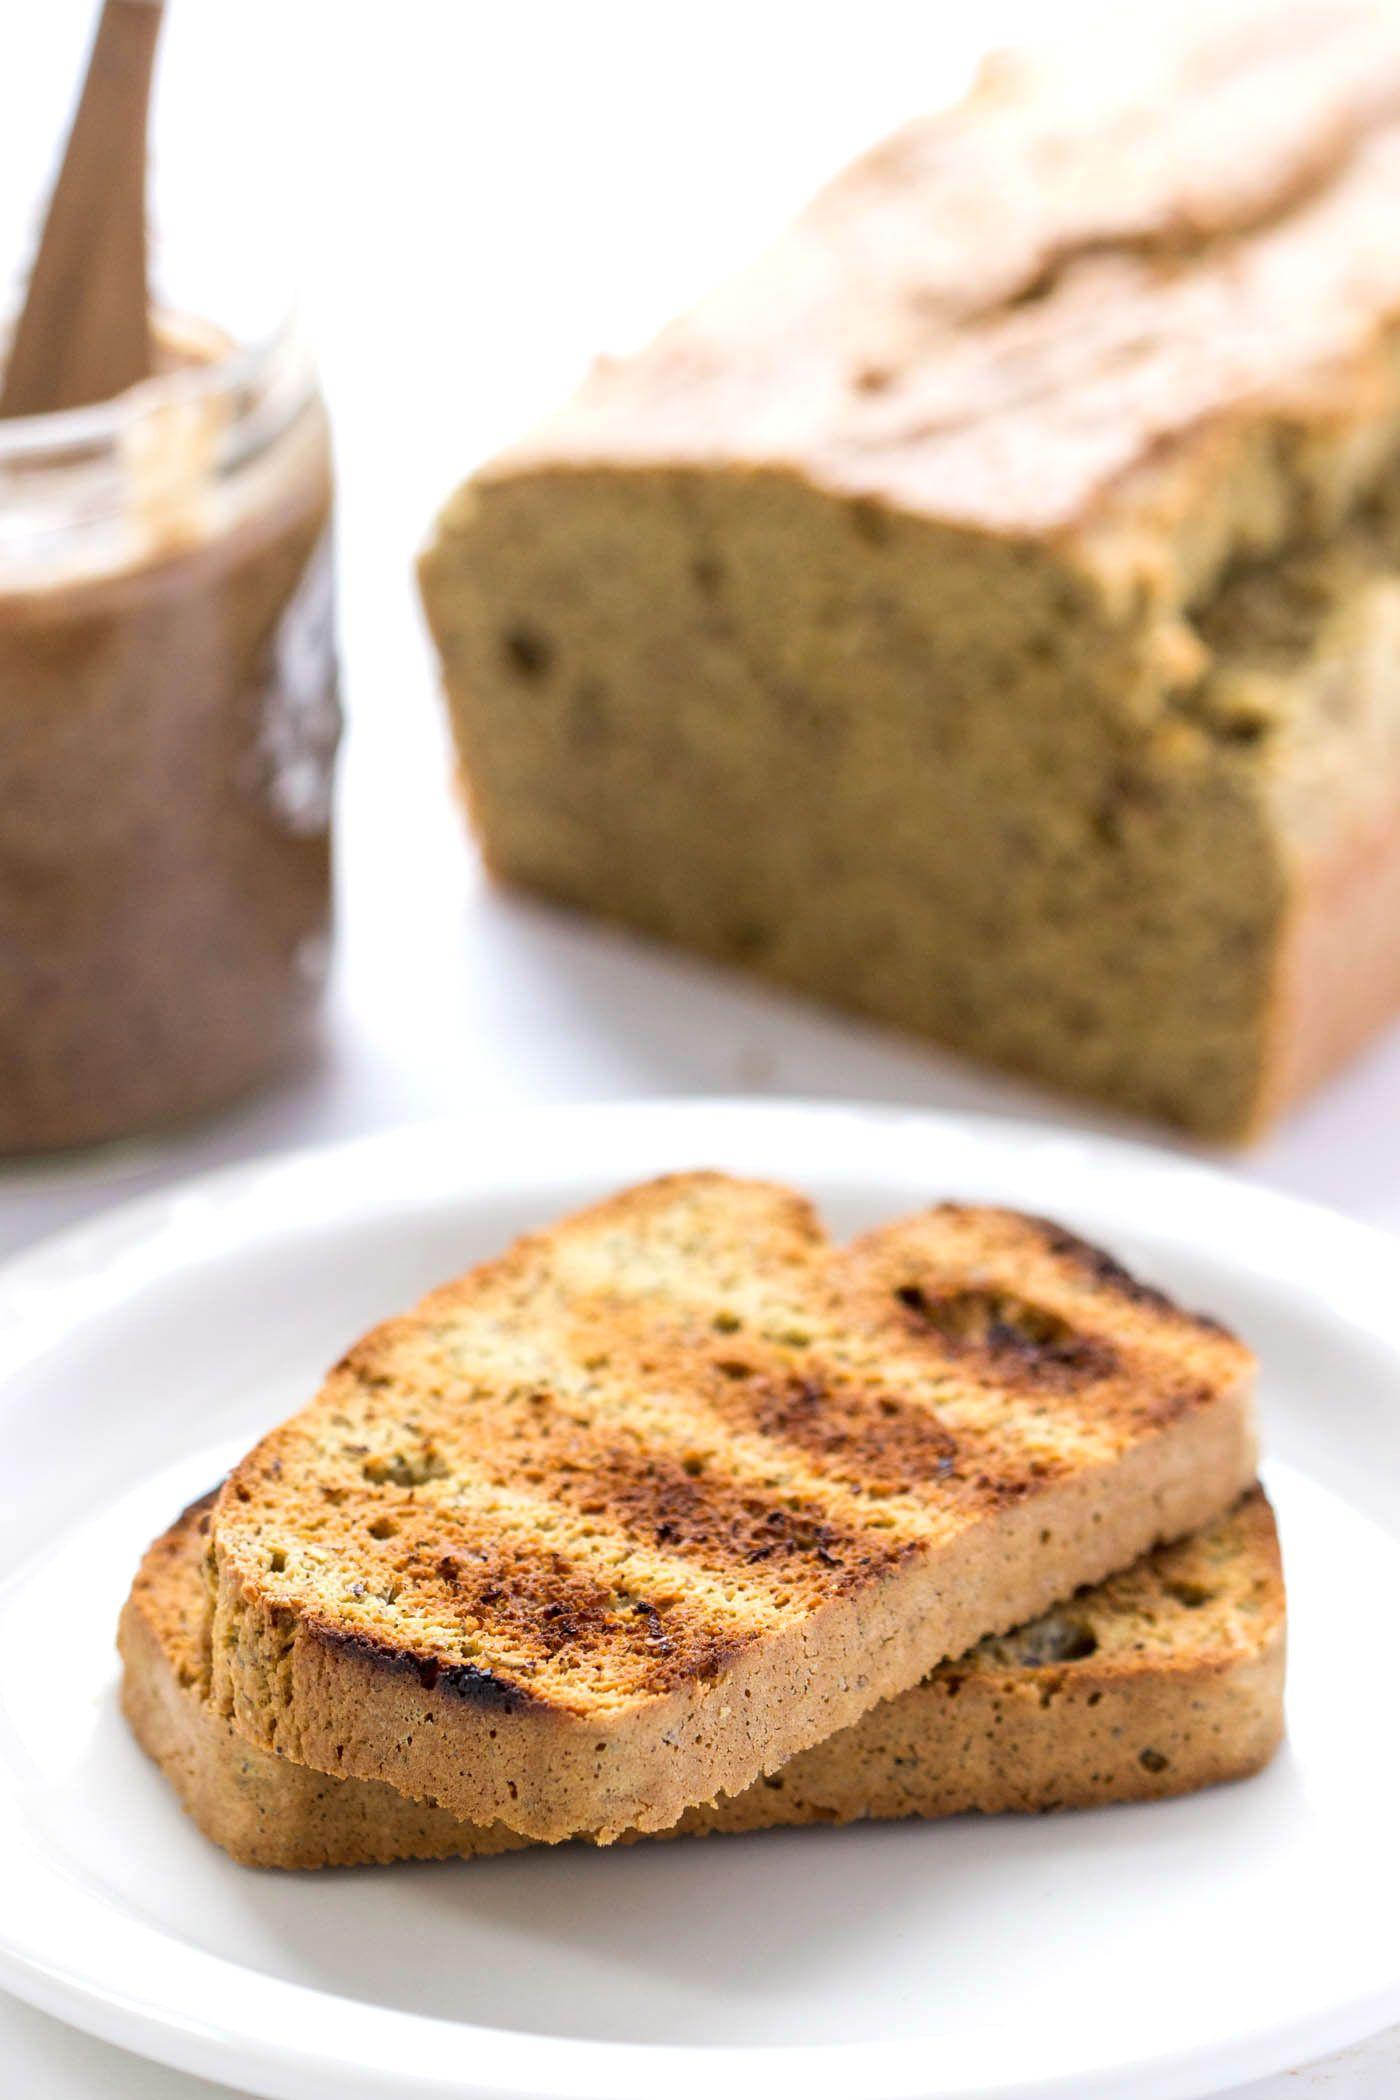 Quinoa Almond Flour Bread Simply Quinoa Recipe Healthy Bread Almond Flour Bread Almond Flour Bread Recipes